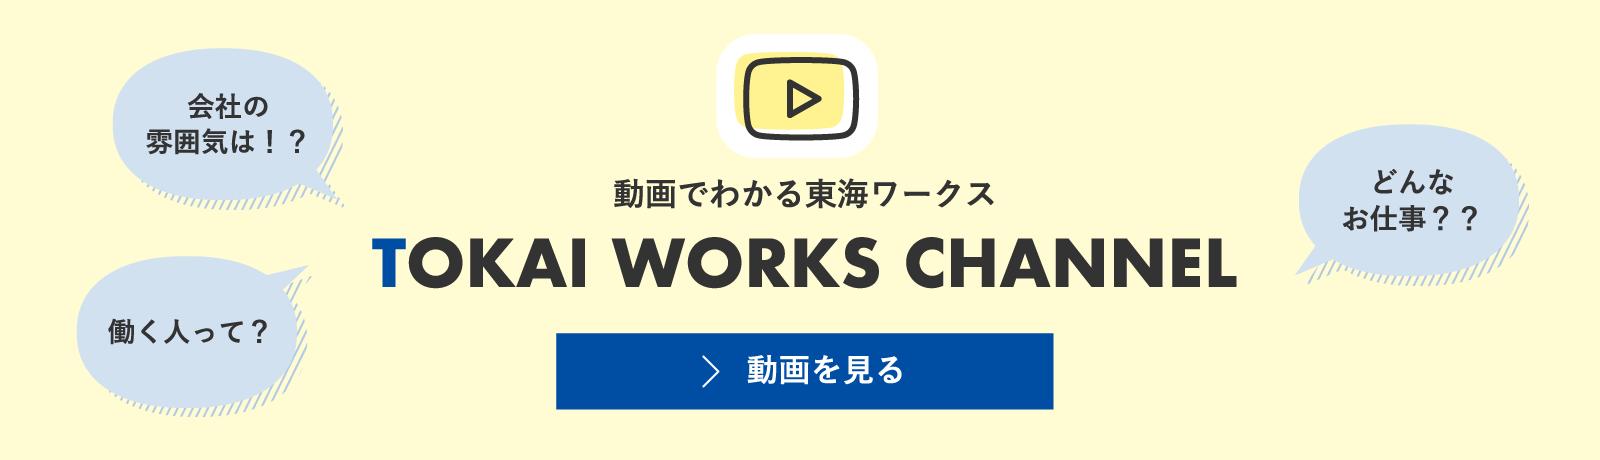 動画でわかる東海ワークス TOKAI WORKS CHANNEL